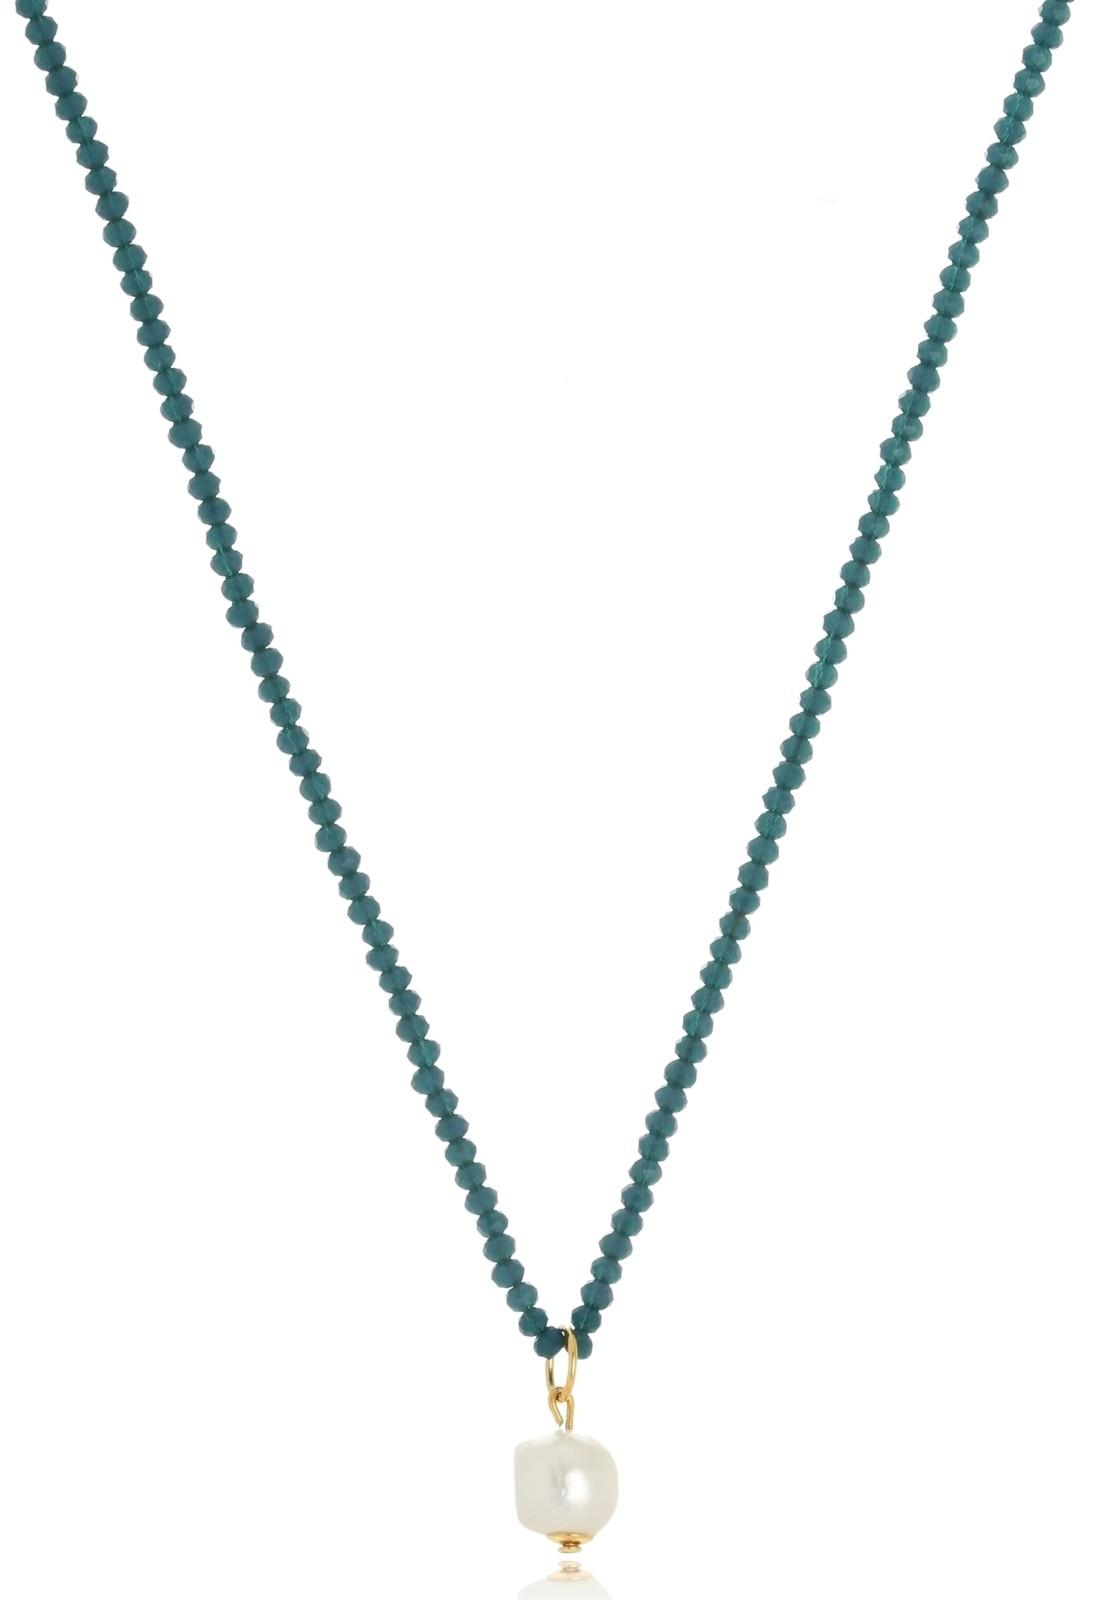 Colar Le Diamond Olimpia Azul Petróleo com Pérola Barroca